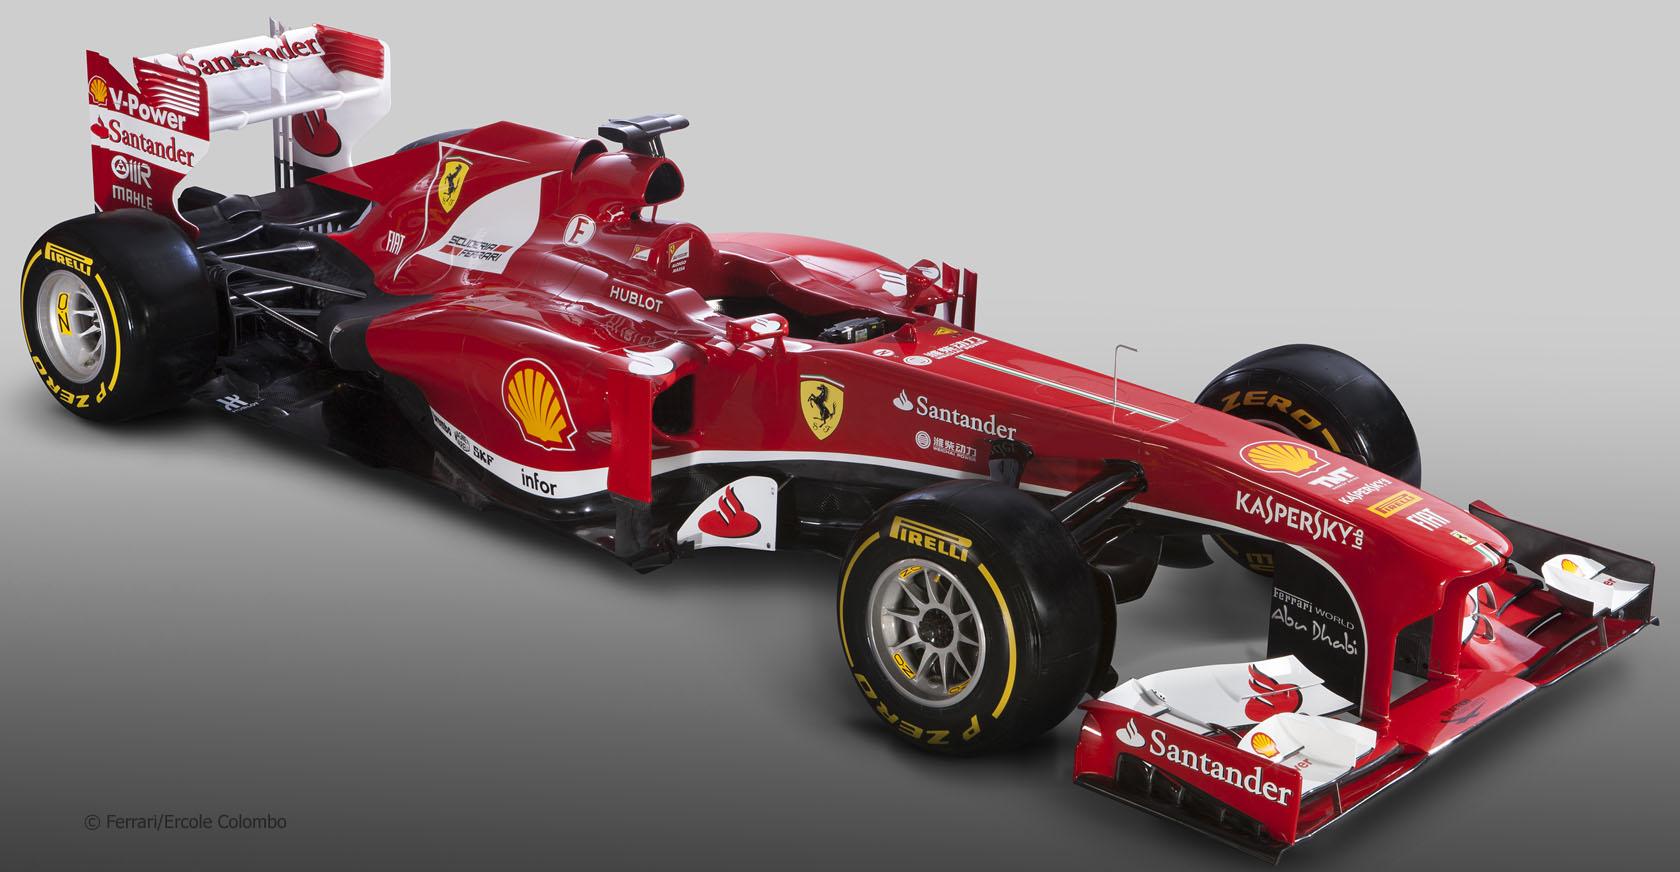 El auto más esperado del año para la F.1 fue presentado en Maranello. Hay gran expectativa sobre su futuro.